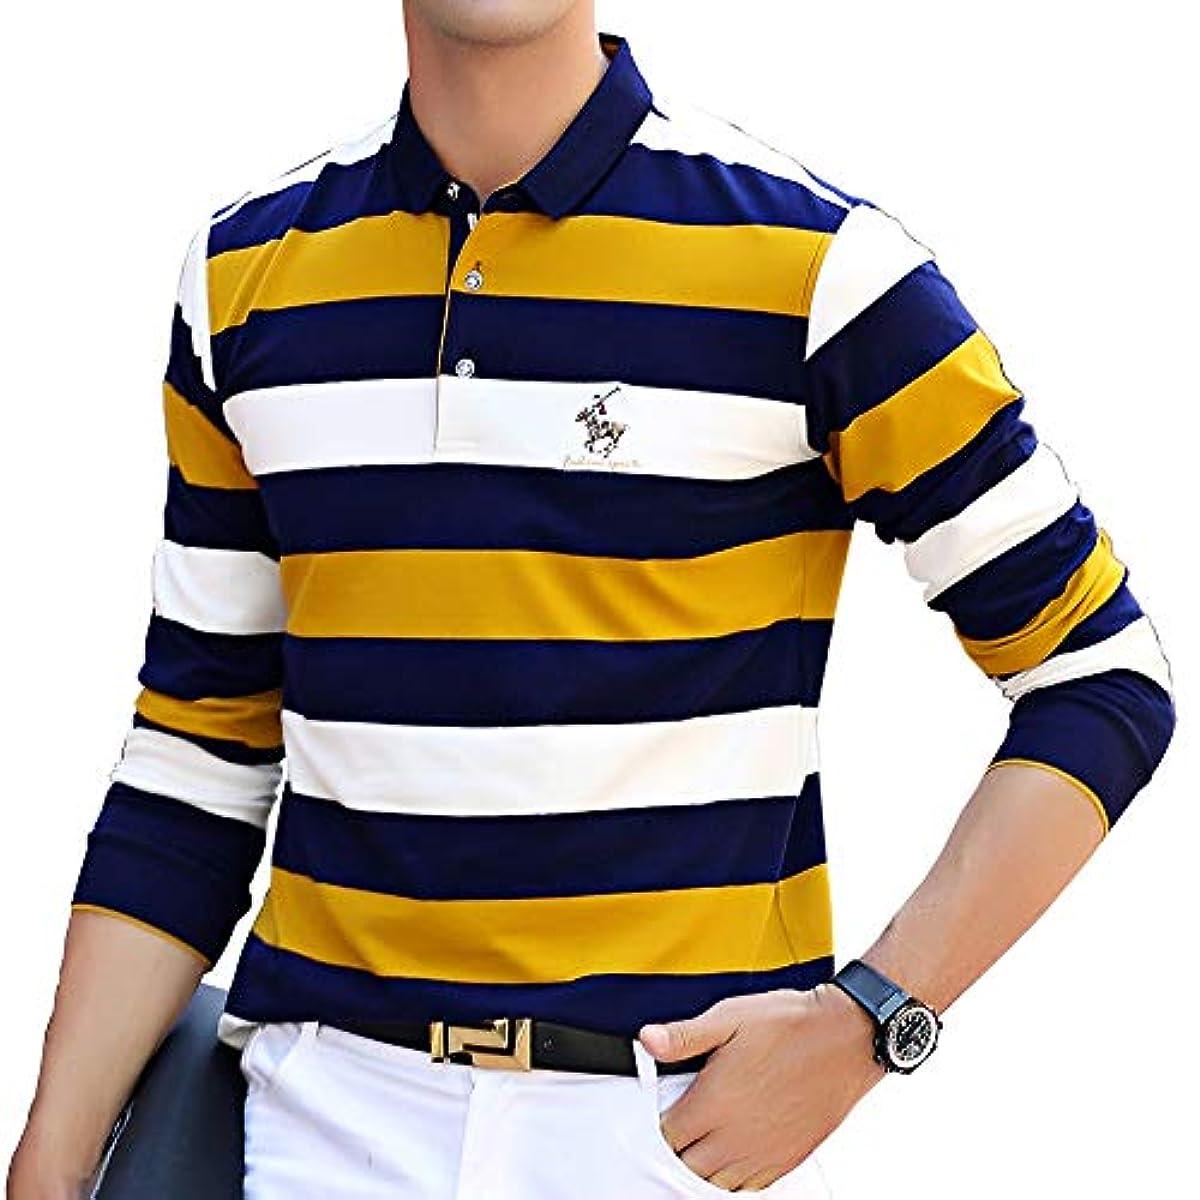 [해외] 긴 소매 폴로 셔츠 맨즈 골프 웨어 보더 스포츠 폴로 셔츠 면 비지니스 골프 셔츠 남성 스트라이프 자수 추동춘